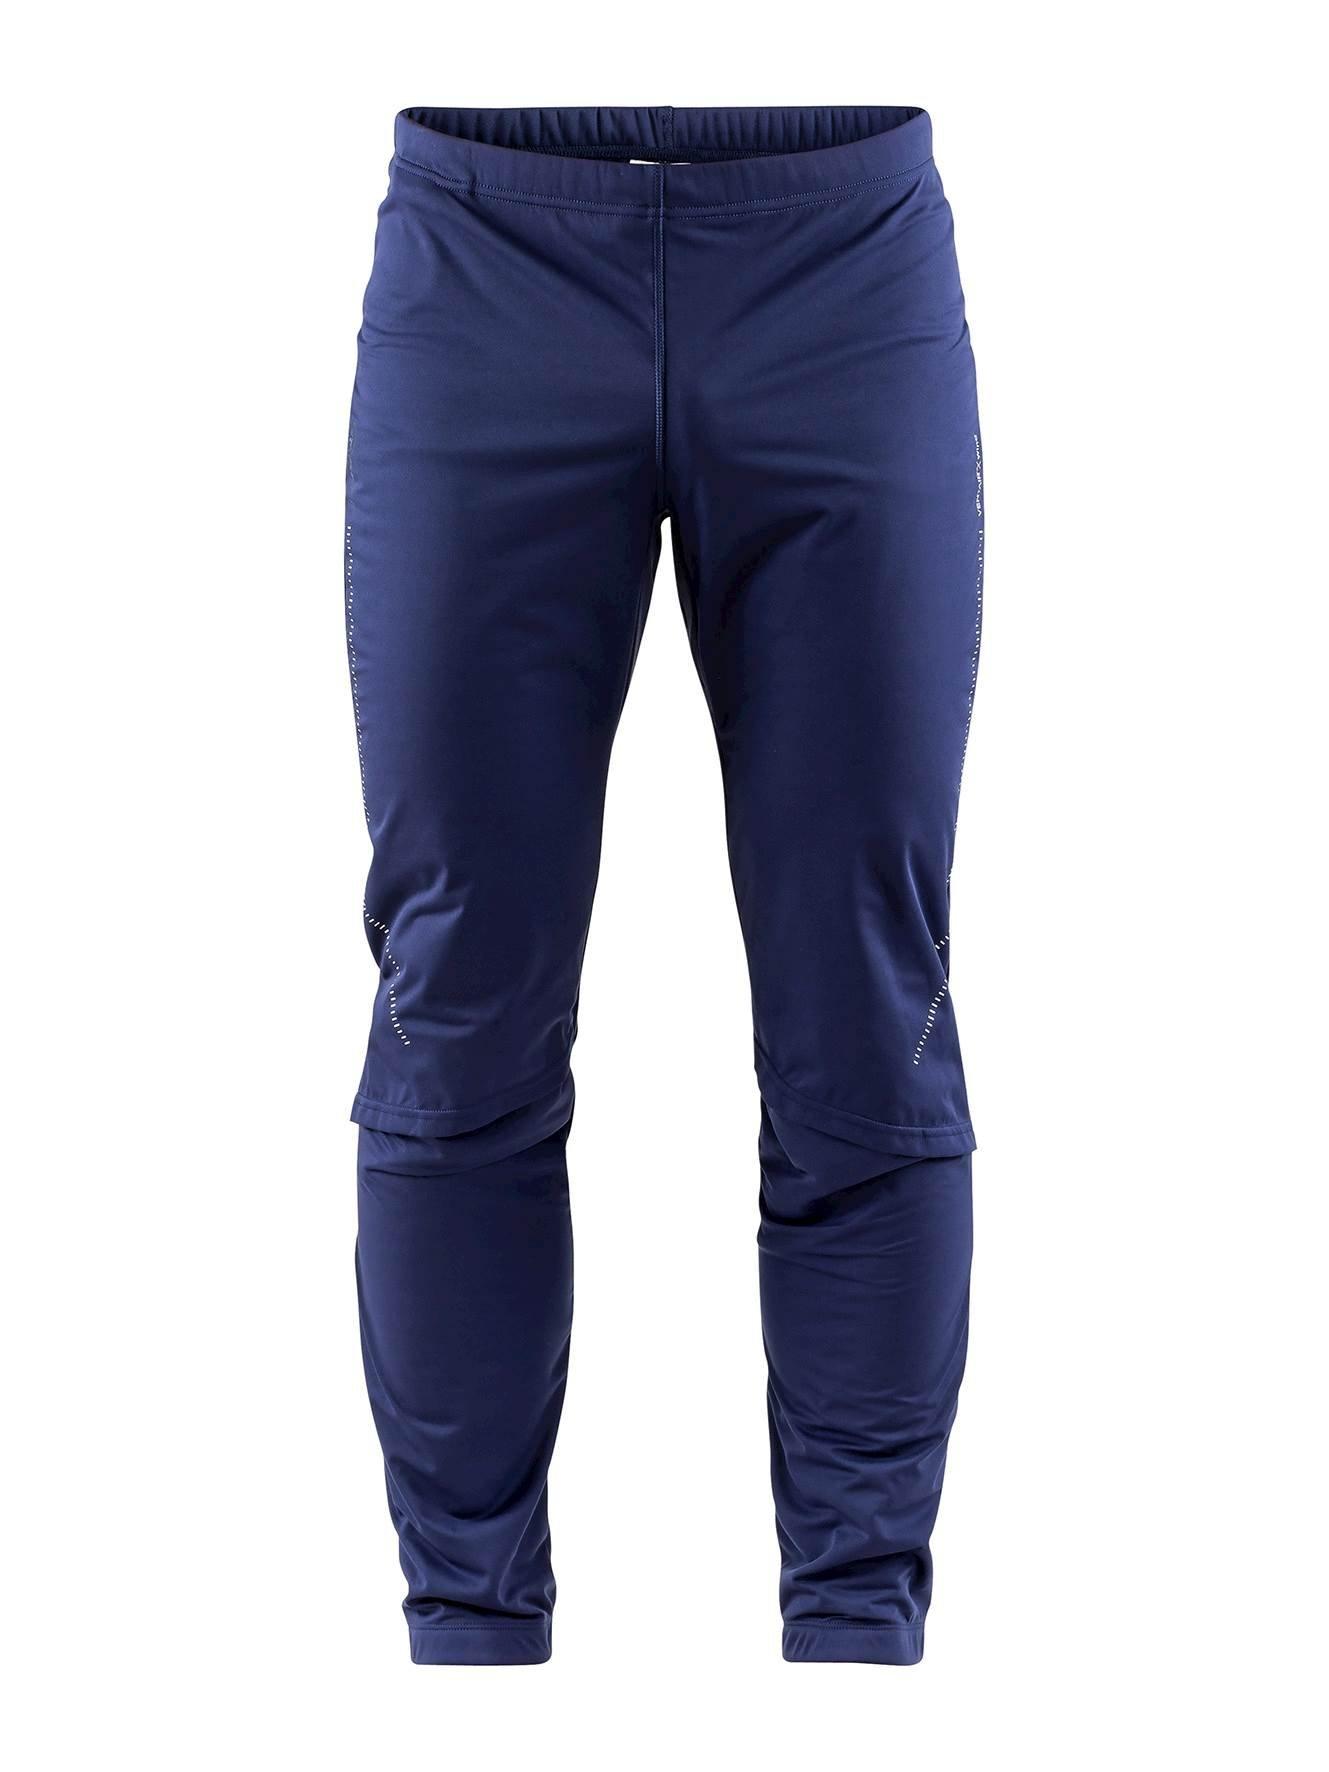 Craft Kalhoty Storm 2.0 tmavě modrá S